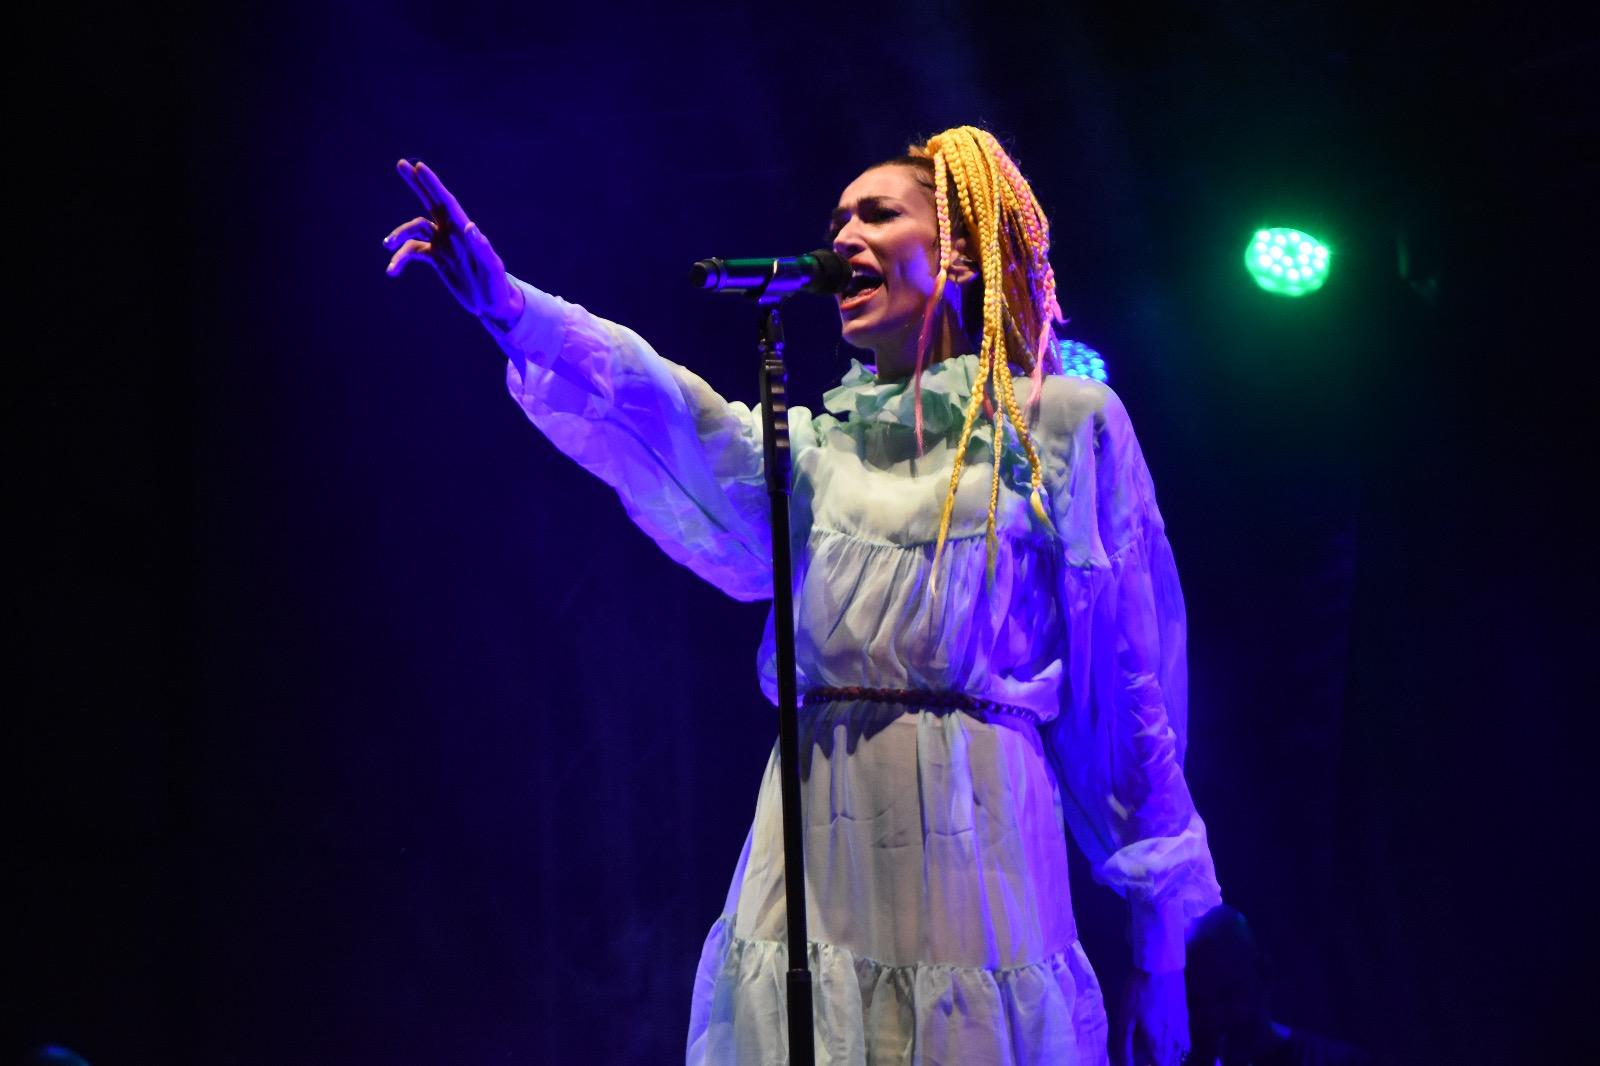 Nina Zilli in concerto a Campobasso saluta e ringrazia Catanzaro (FOTO E VIDEO)